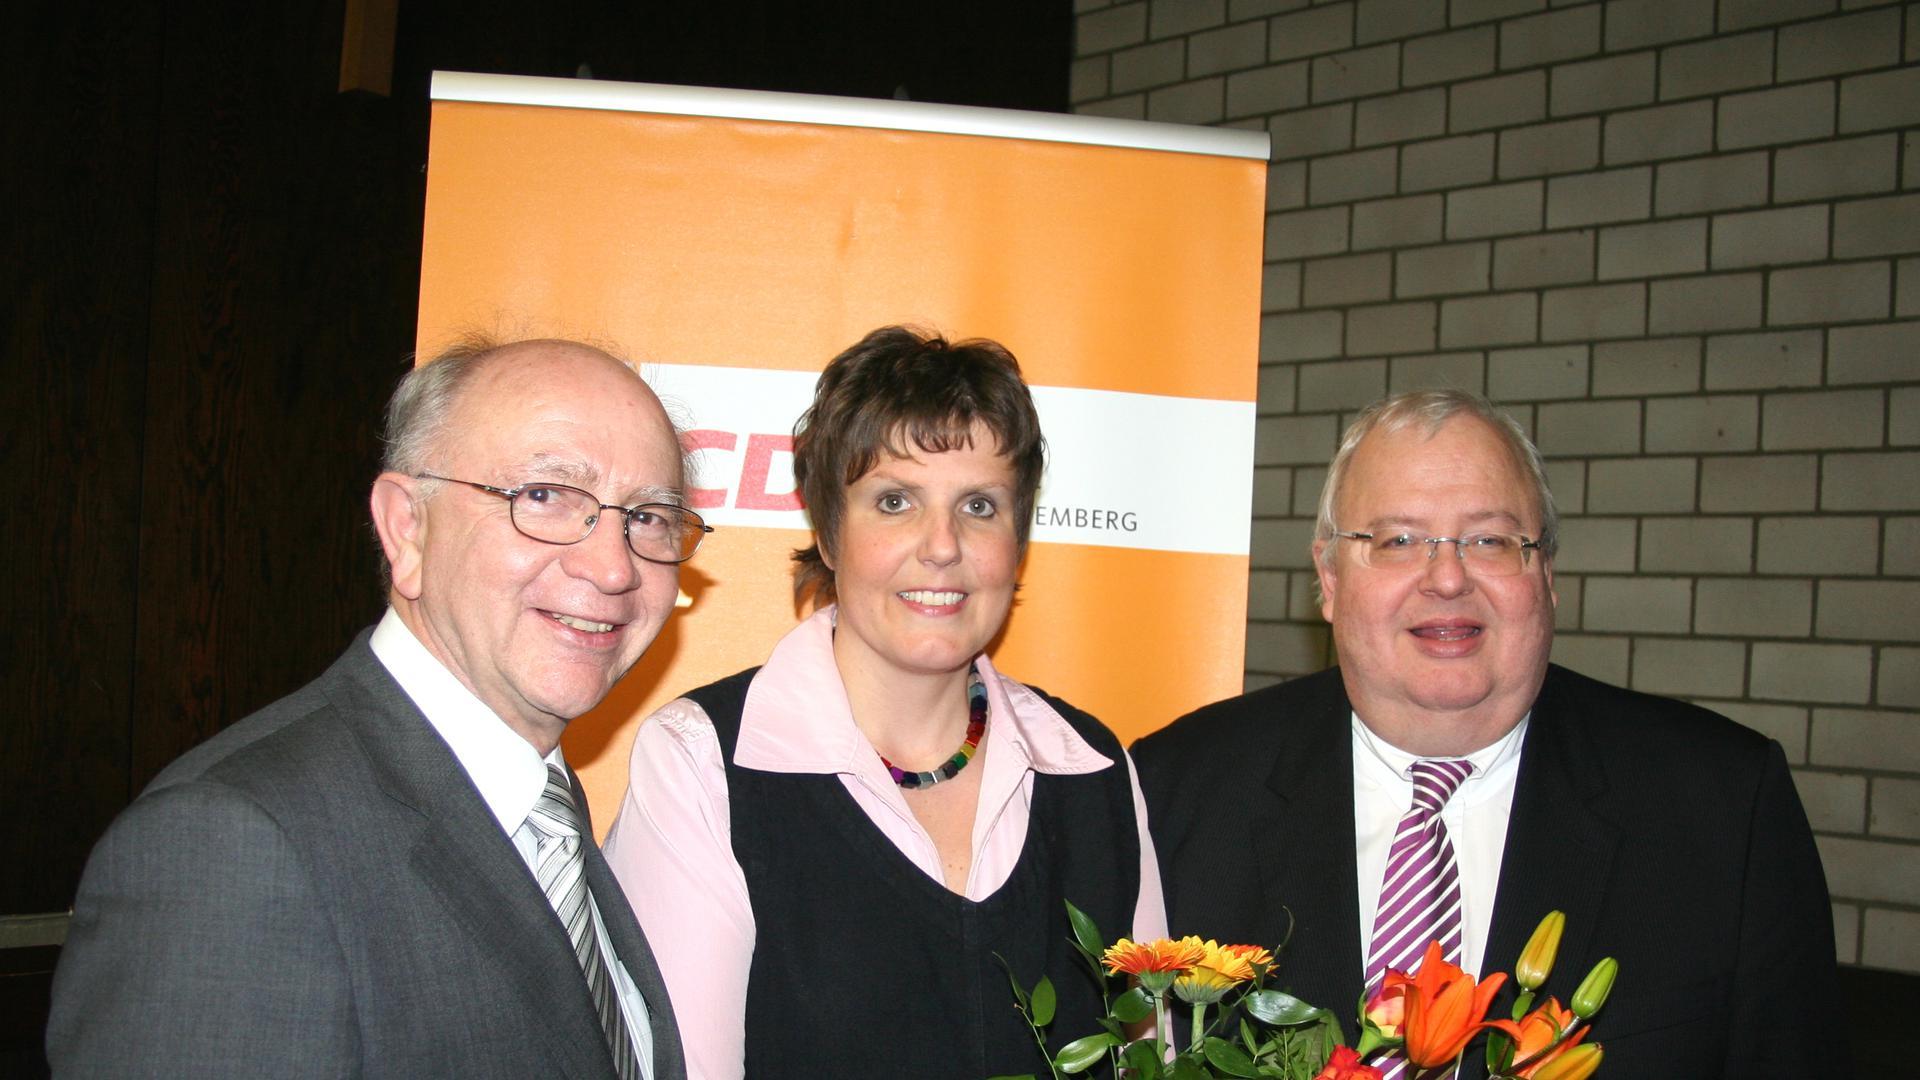 Erfahrung als Parteipolitikerin: Das Archivbild zeigt die heutige Regierungspräsidentin Sylvia Felder 2010 als Rastatter CDU-Kreisvorsitzende mit den damaligen Abgeordneten Peter Götz und Karl-Wolfgang Jägel (rechts).